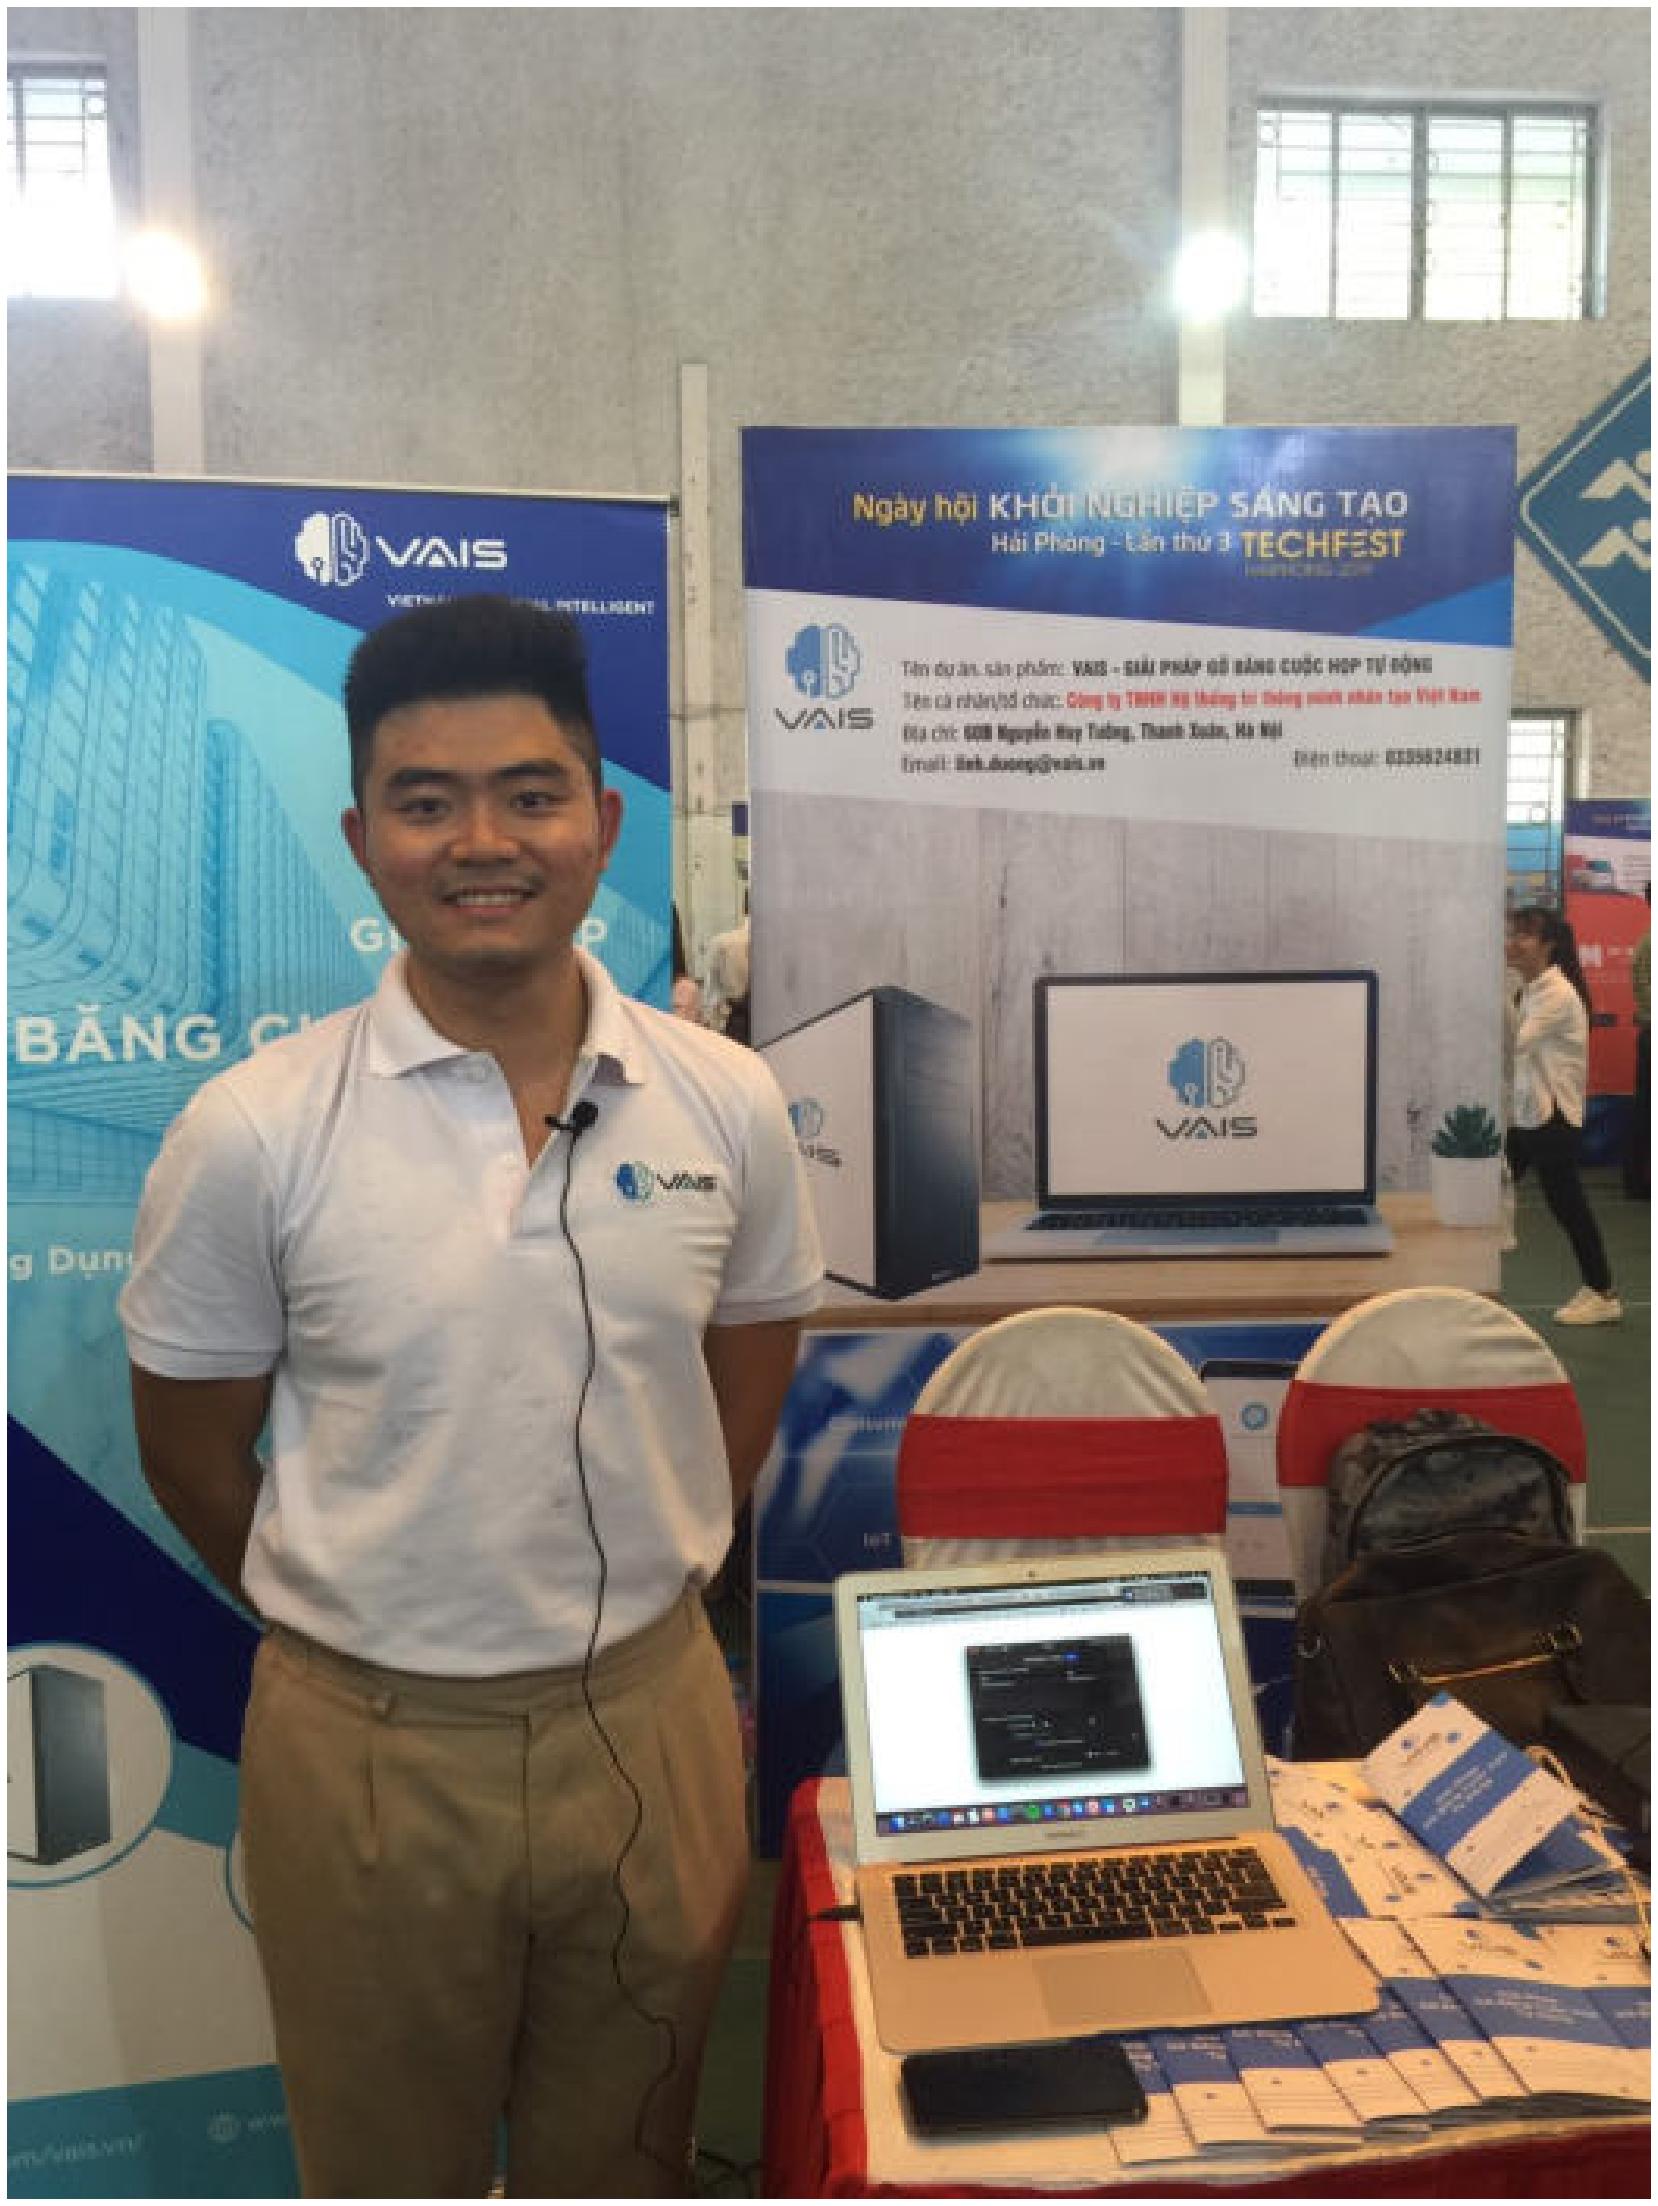 Anh Hoàng Minh Thành - Giám đốc điều hành Công ty VAIS tại Sự kiện Techfest Hải Phòng 2019.